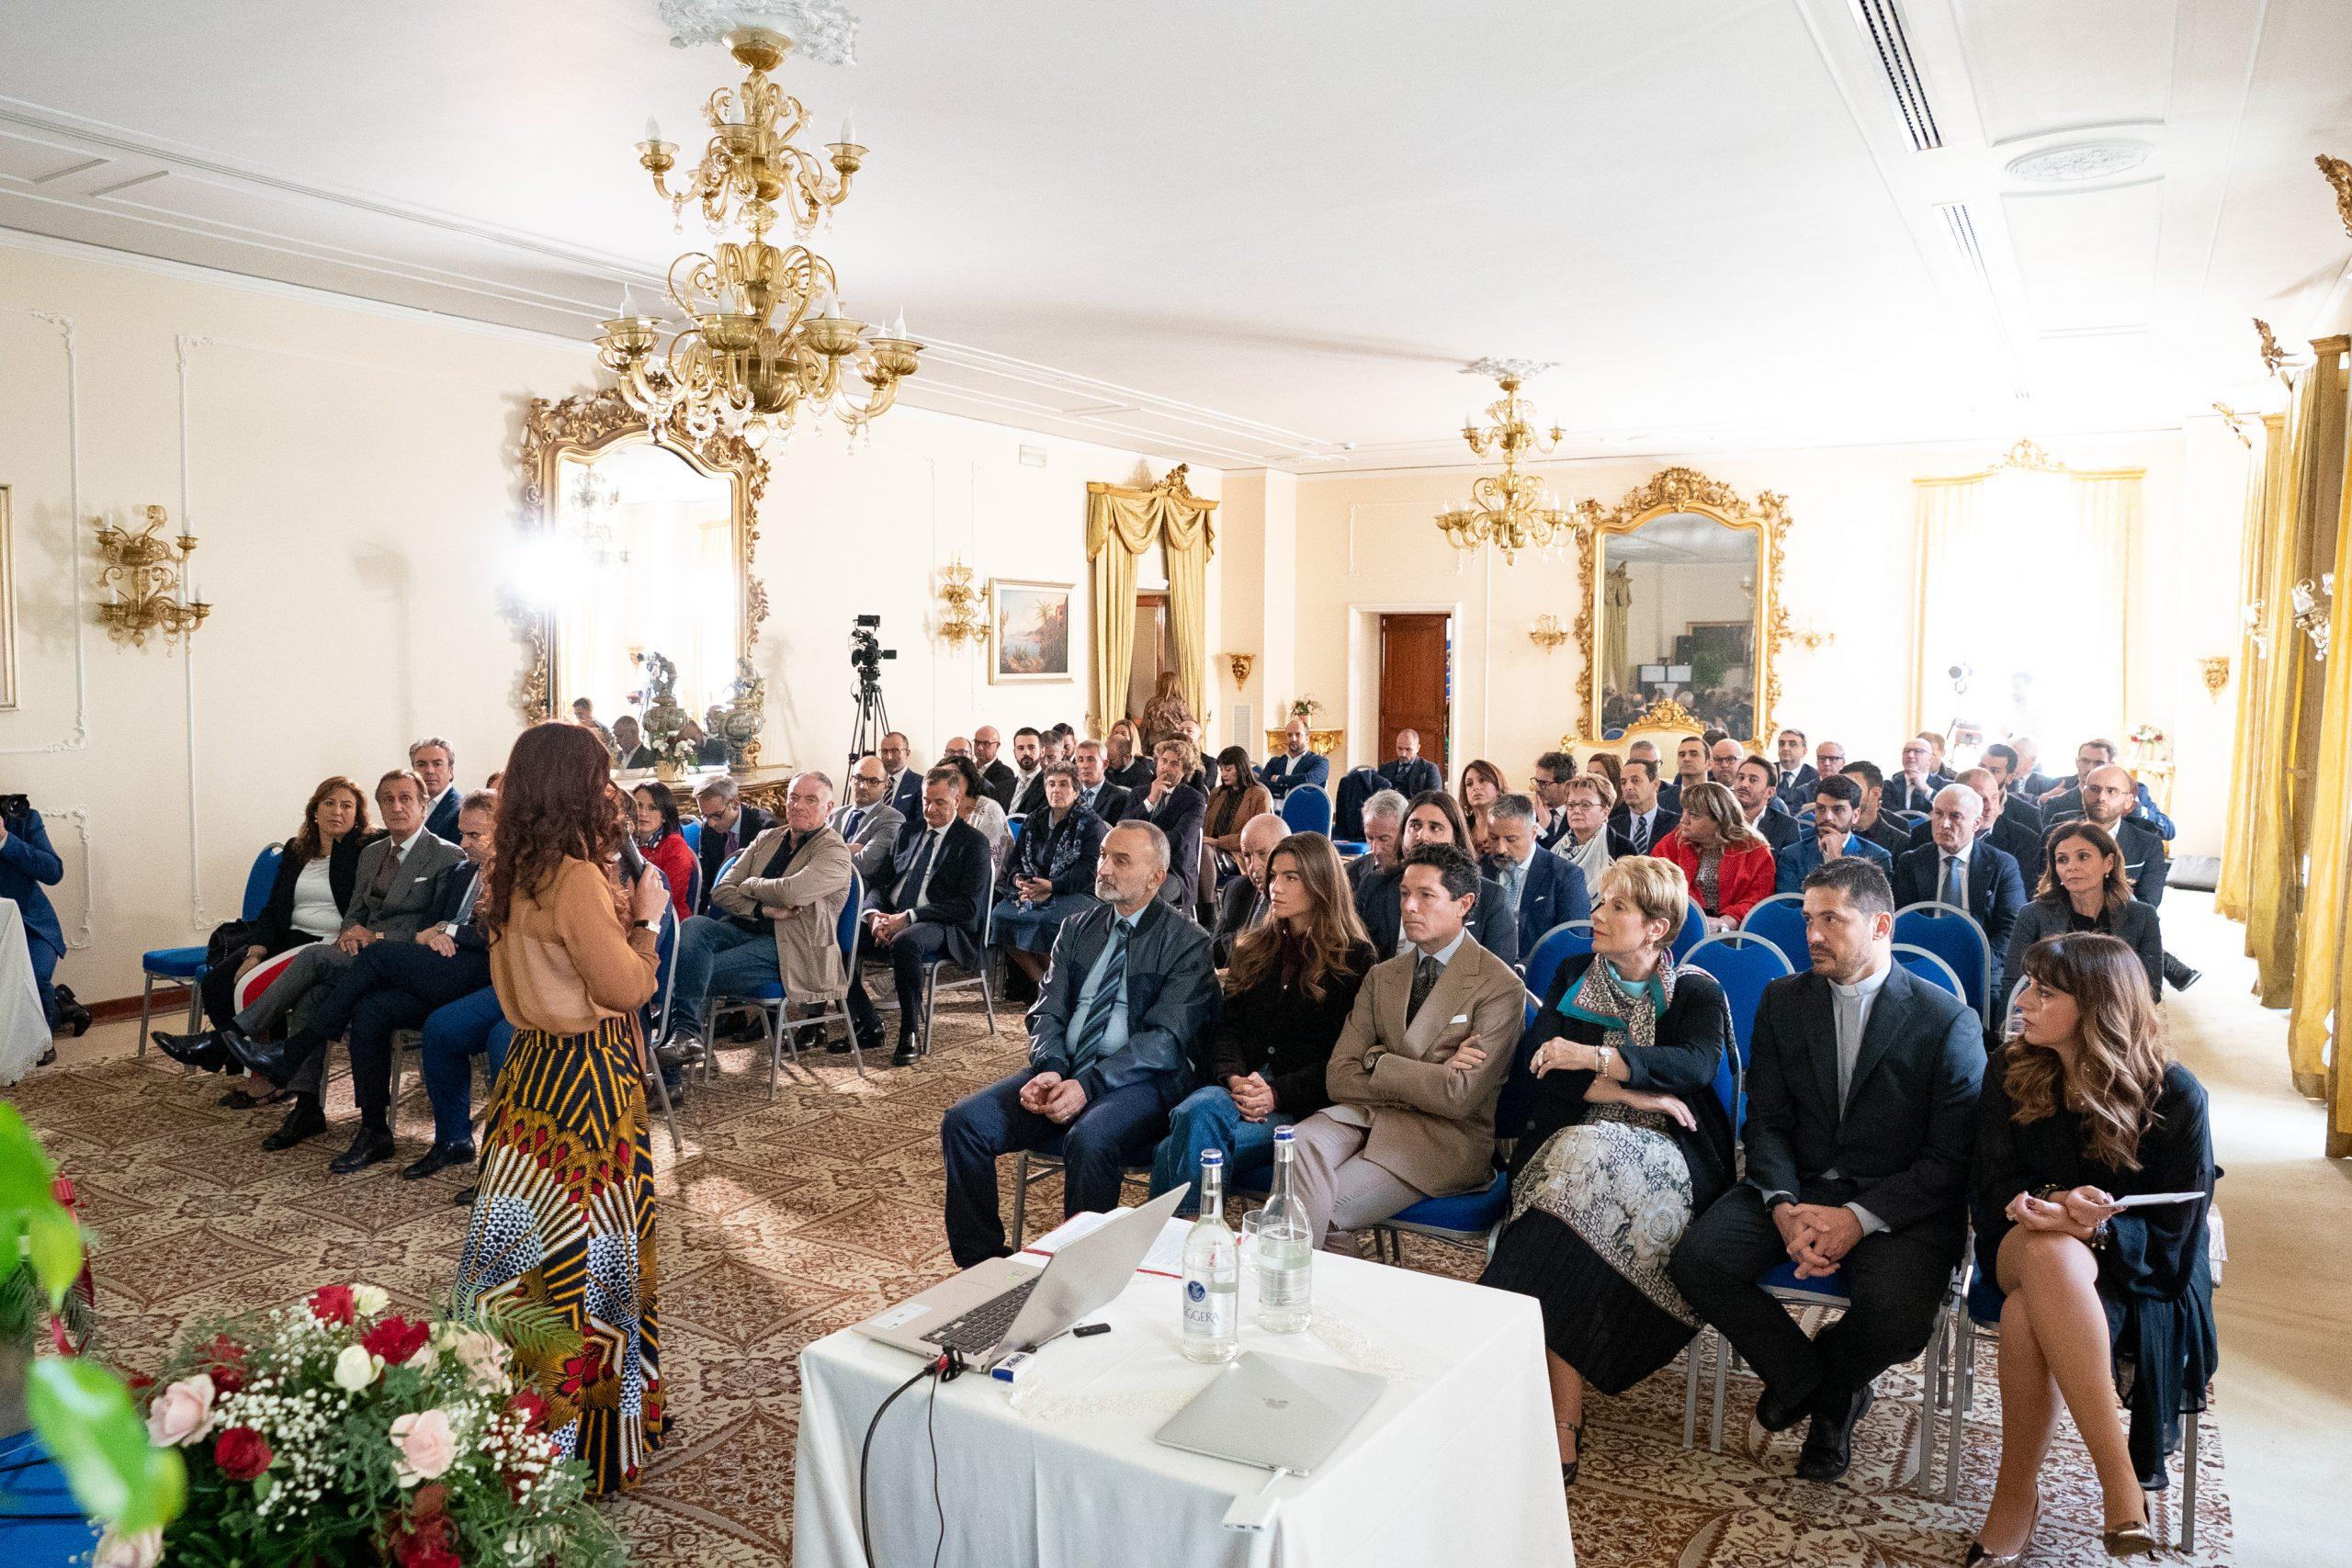 [FOTO] Meeting Annuale Donatori 2019 della Fondazione Angelo Affinita: per sognare e scrivere il futuro INSIEME!